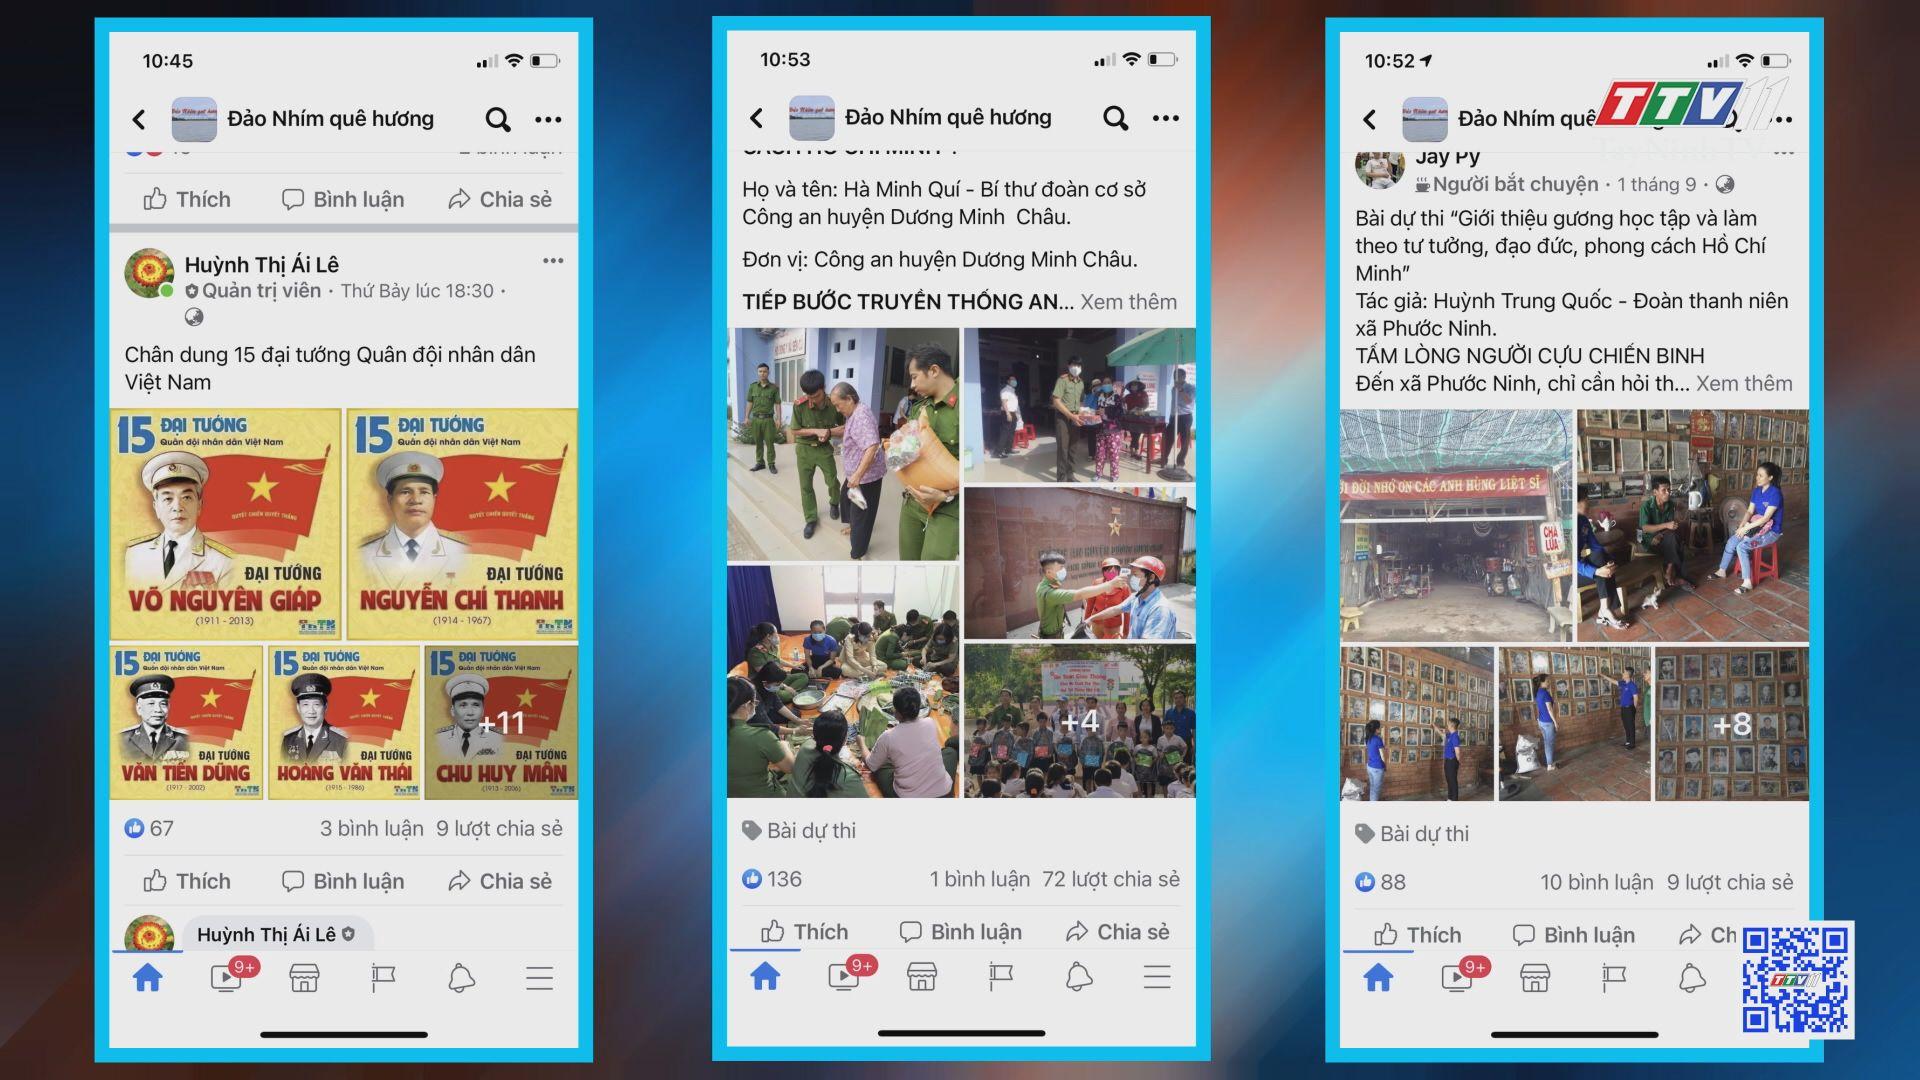 Phát huy mặt tích cực của mạng xã hội trong công tác tuyên truyền | THI ĐUA ÁI QUỐC | TayNinhTV